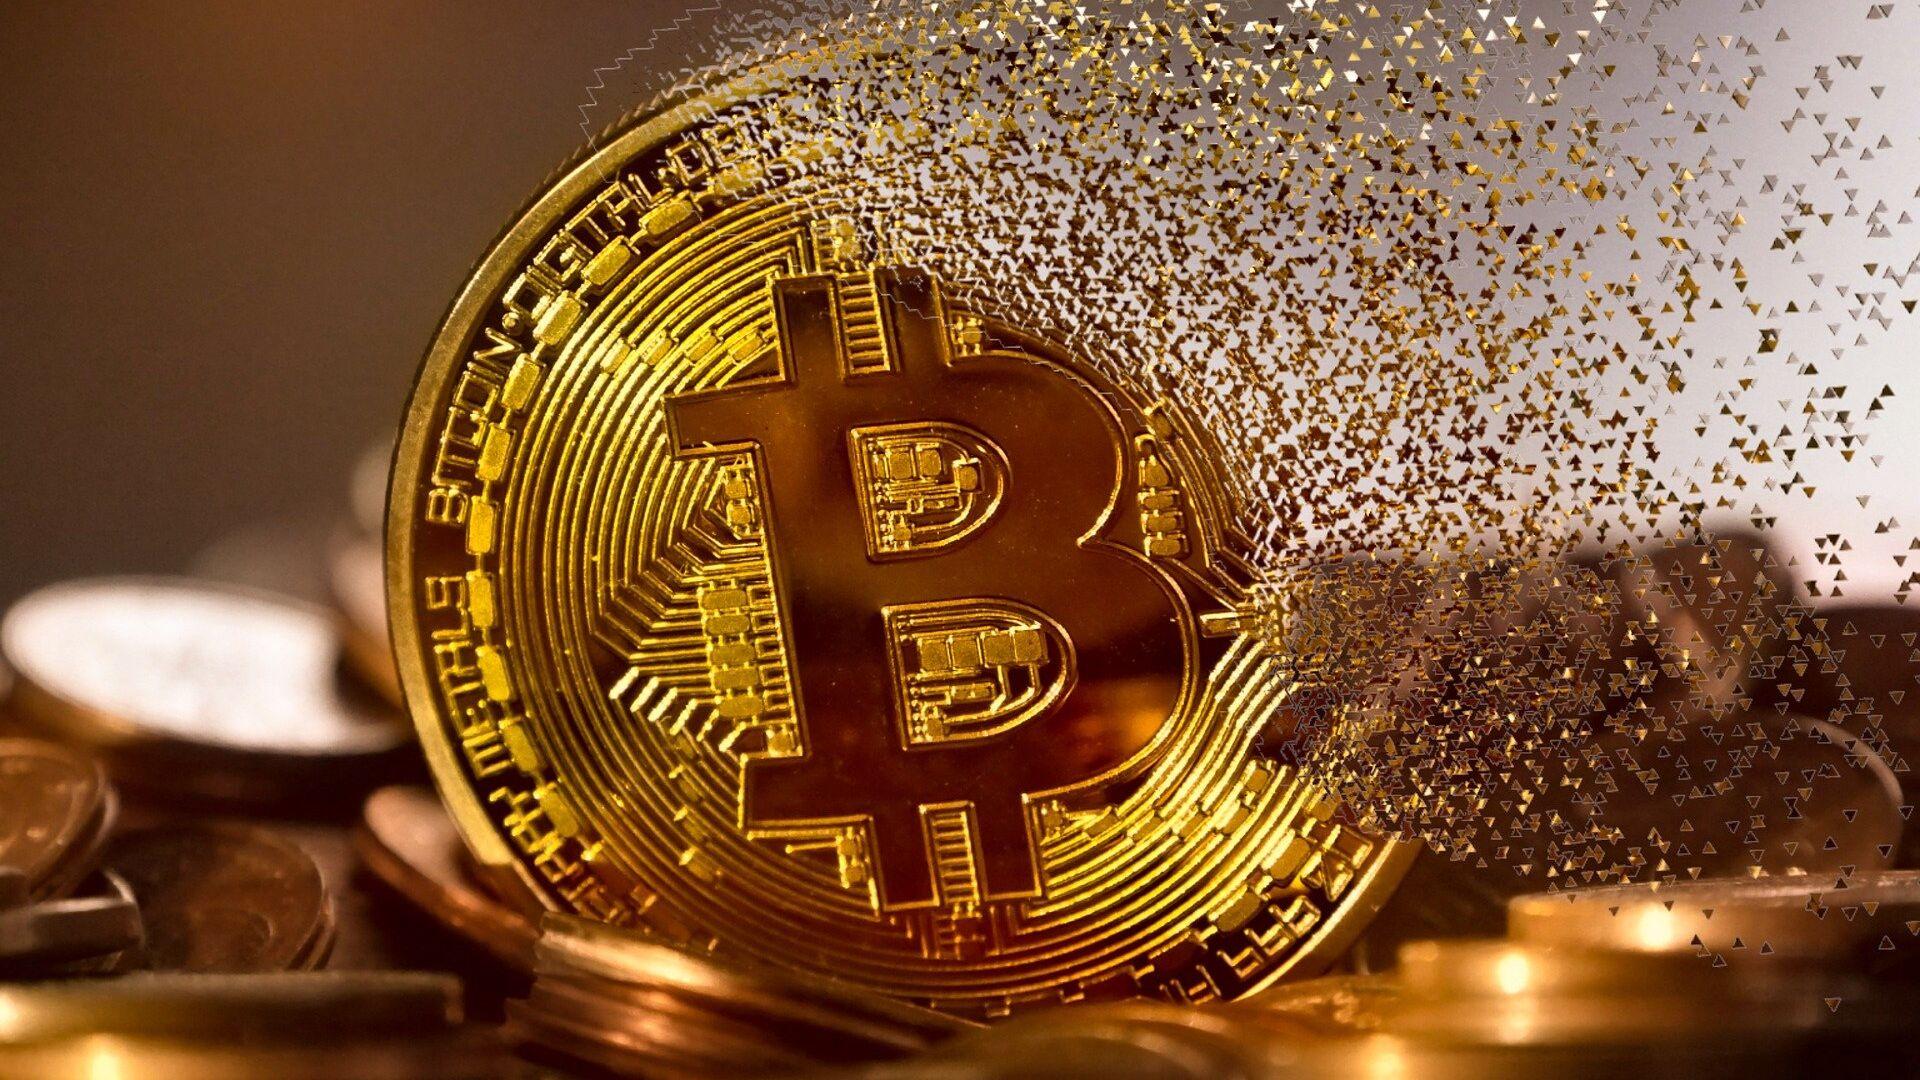 Un bitcoin haciéndose añicos - Sputnik Mundo, 1920, 01.03.2021